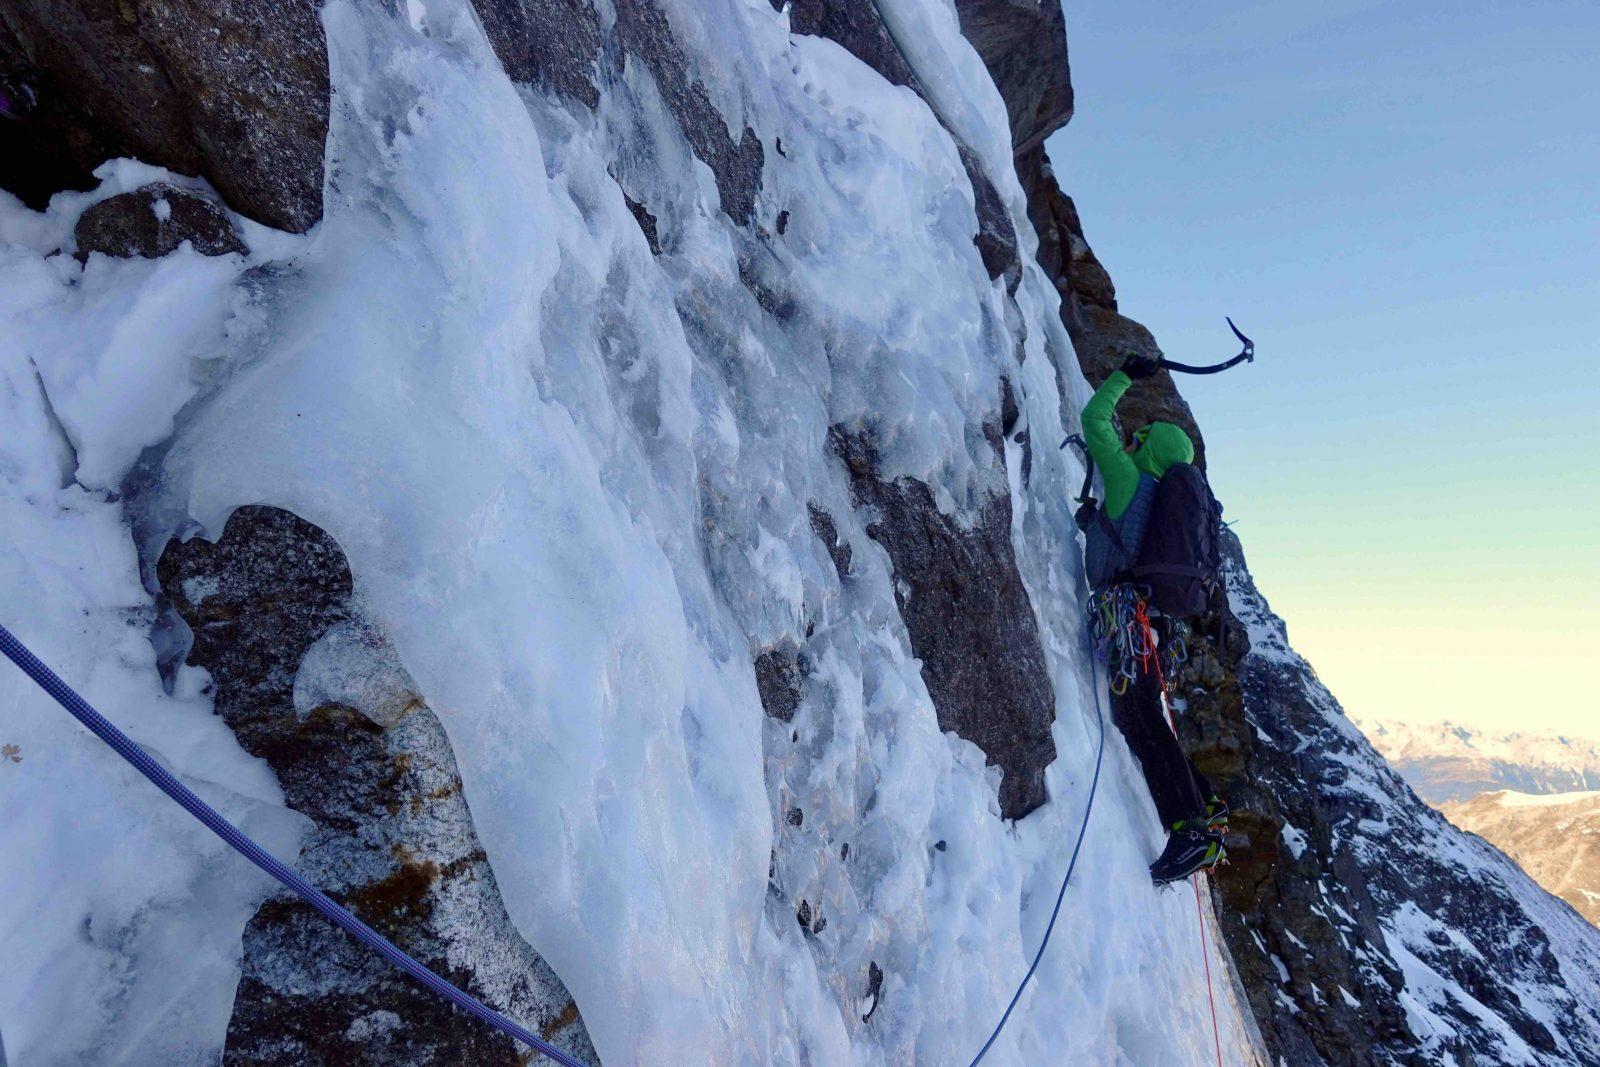 Sagwand-Nordwan, dünnes Eis vor allem am Beginn der Route, Foto: Ines Papert und Luka Lindič |Climbers Paradise